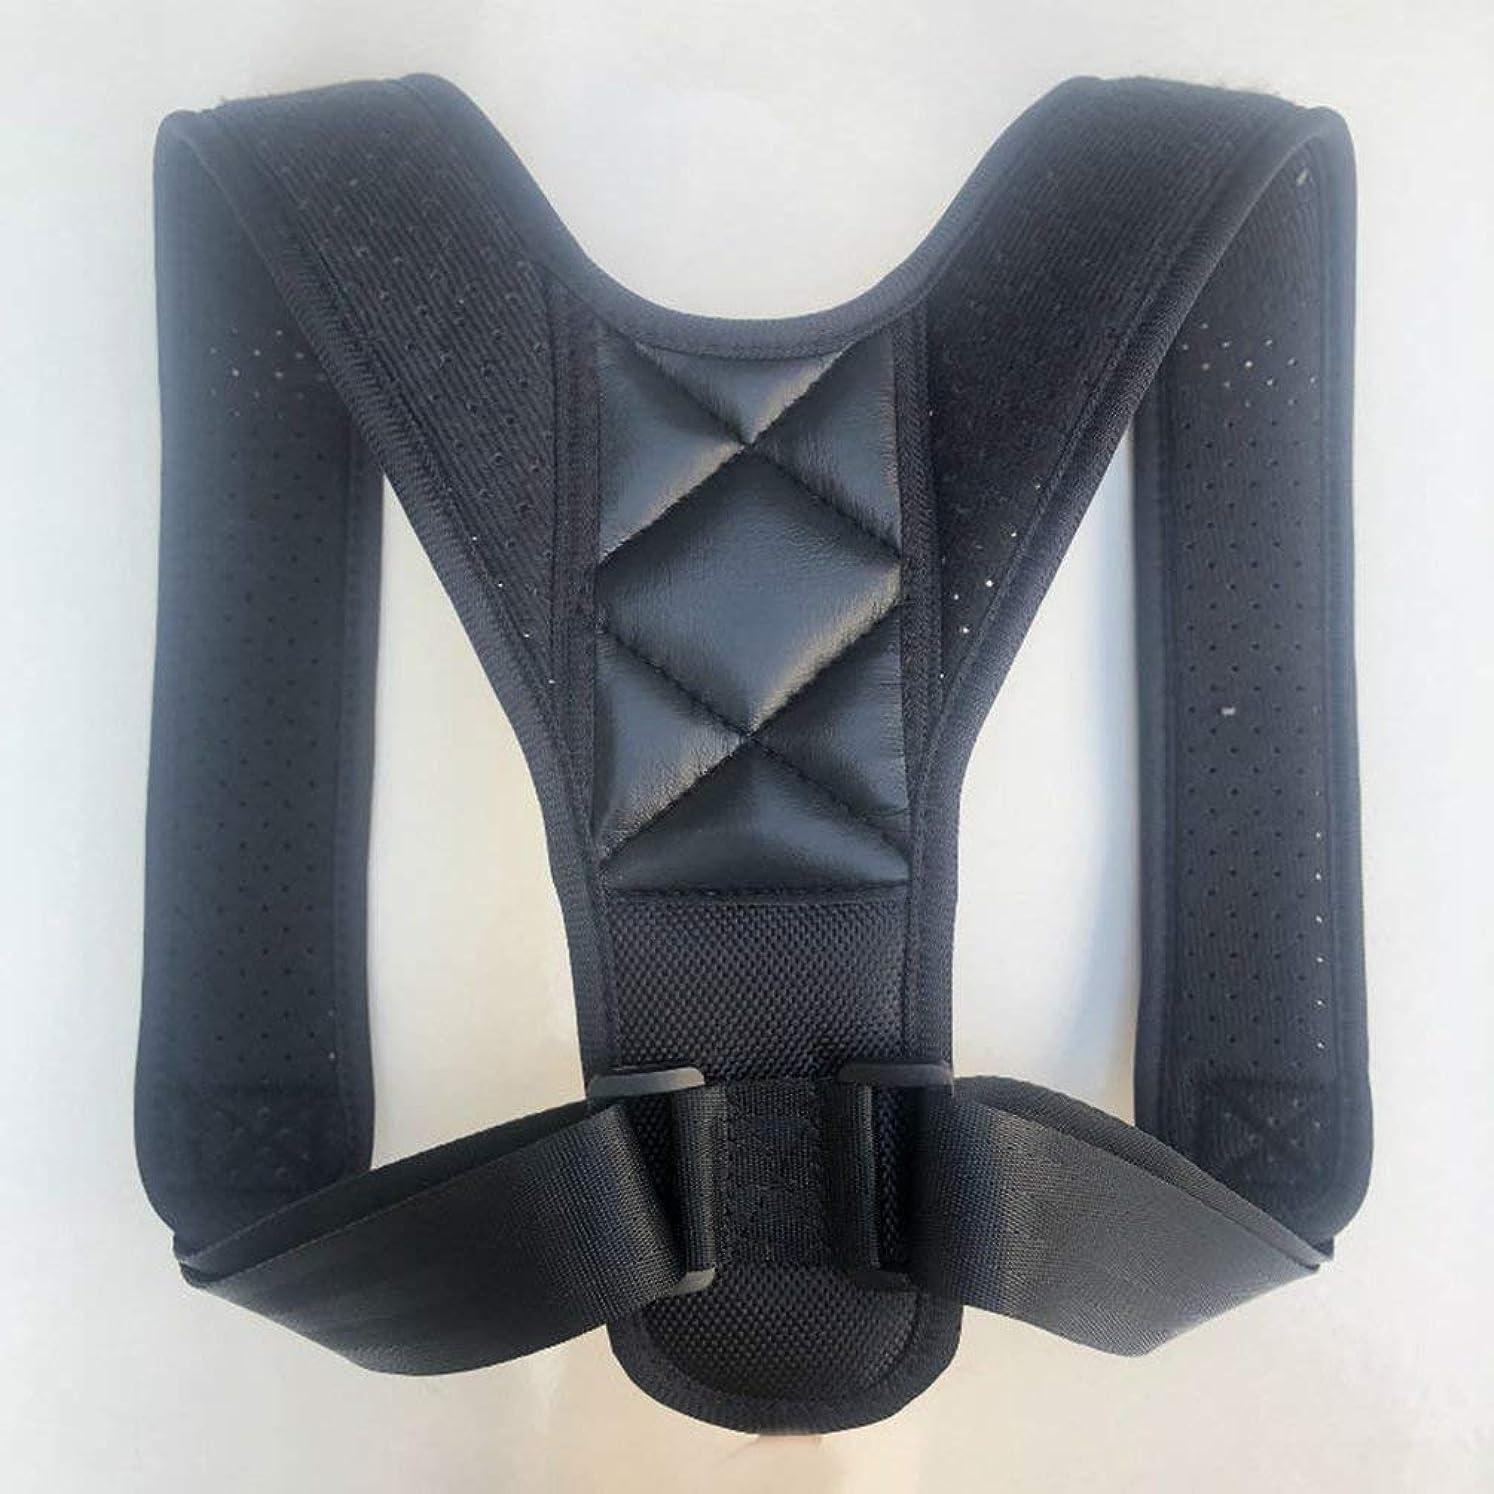 に対してミサイルバドミントンアッパーバックポスチャーコレクター姿勢鎖骨サポートコレクターバックストレートショルダーブレースストラップコレクター - ブラック